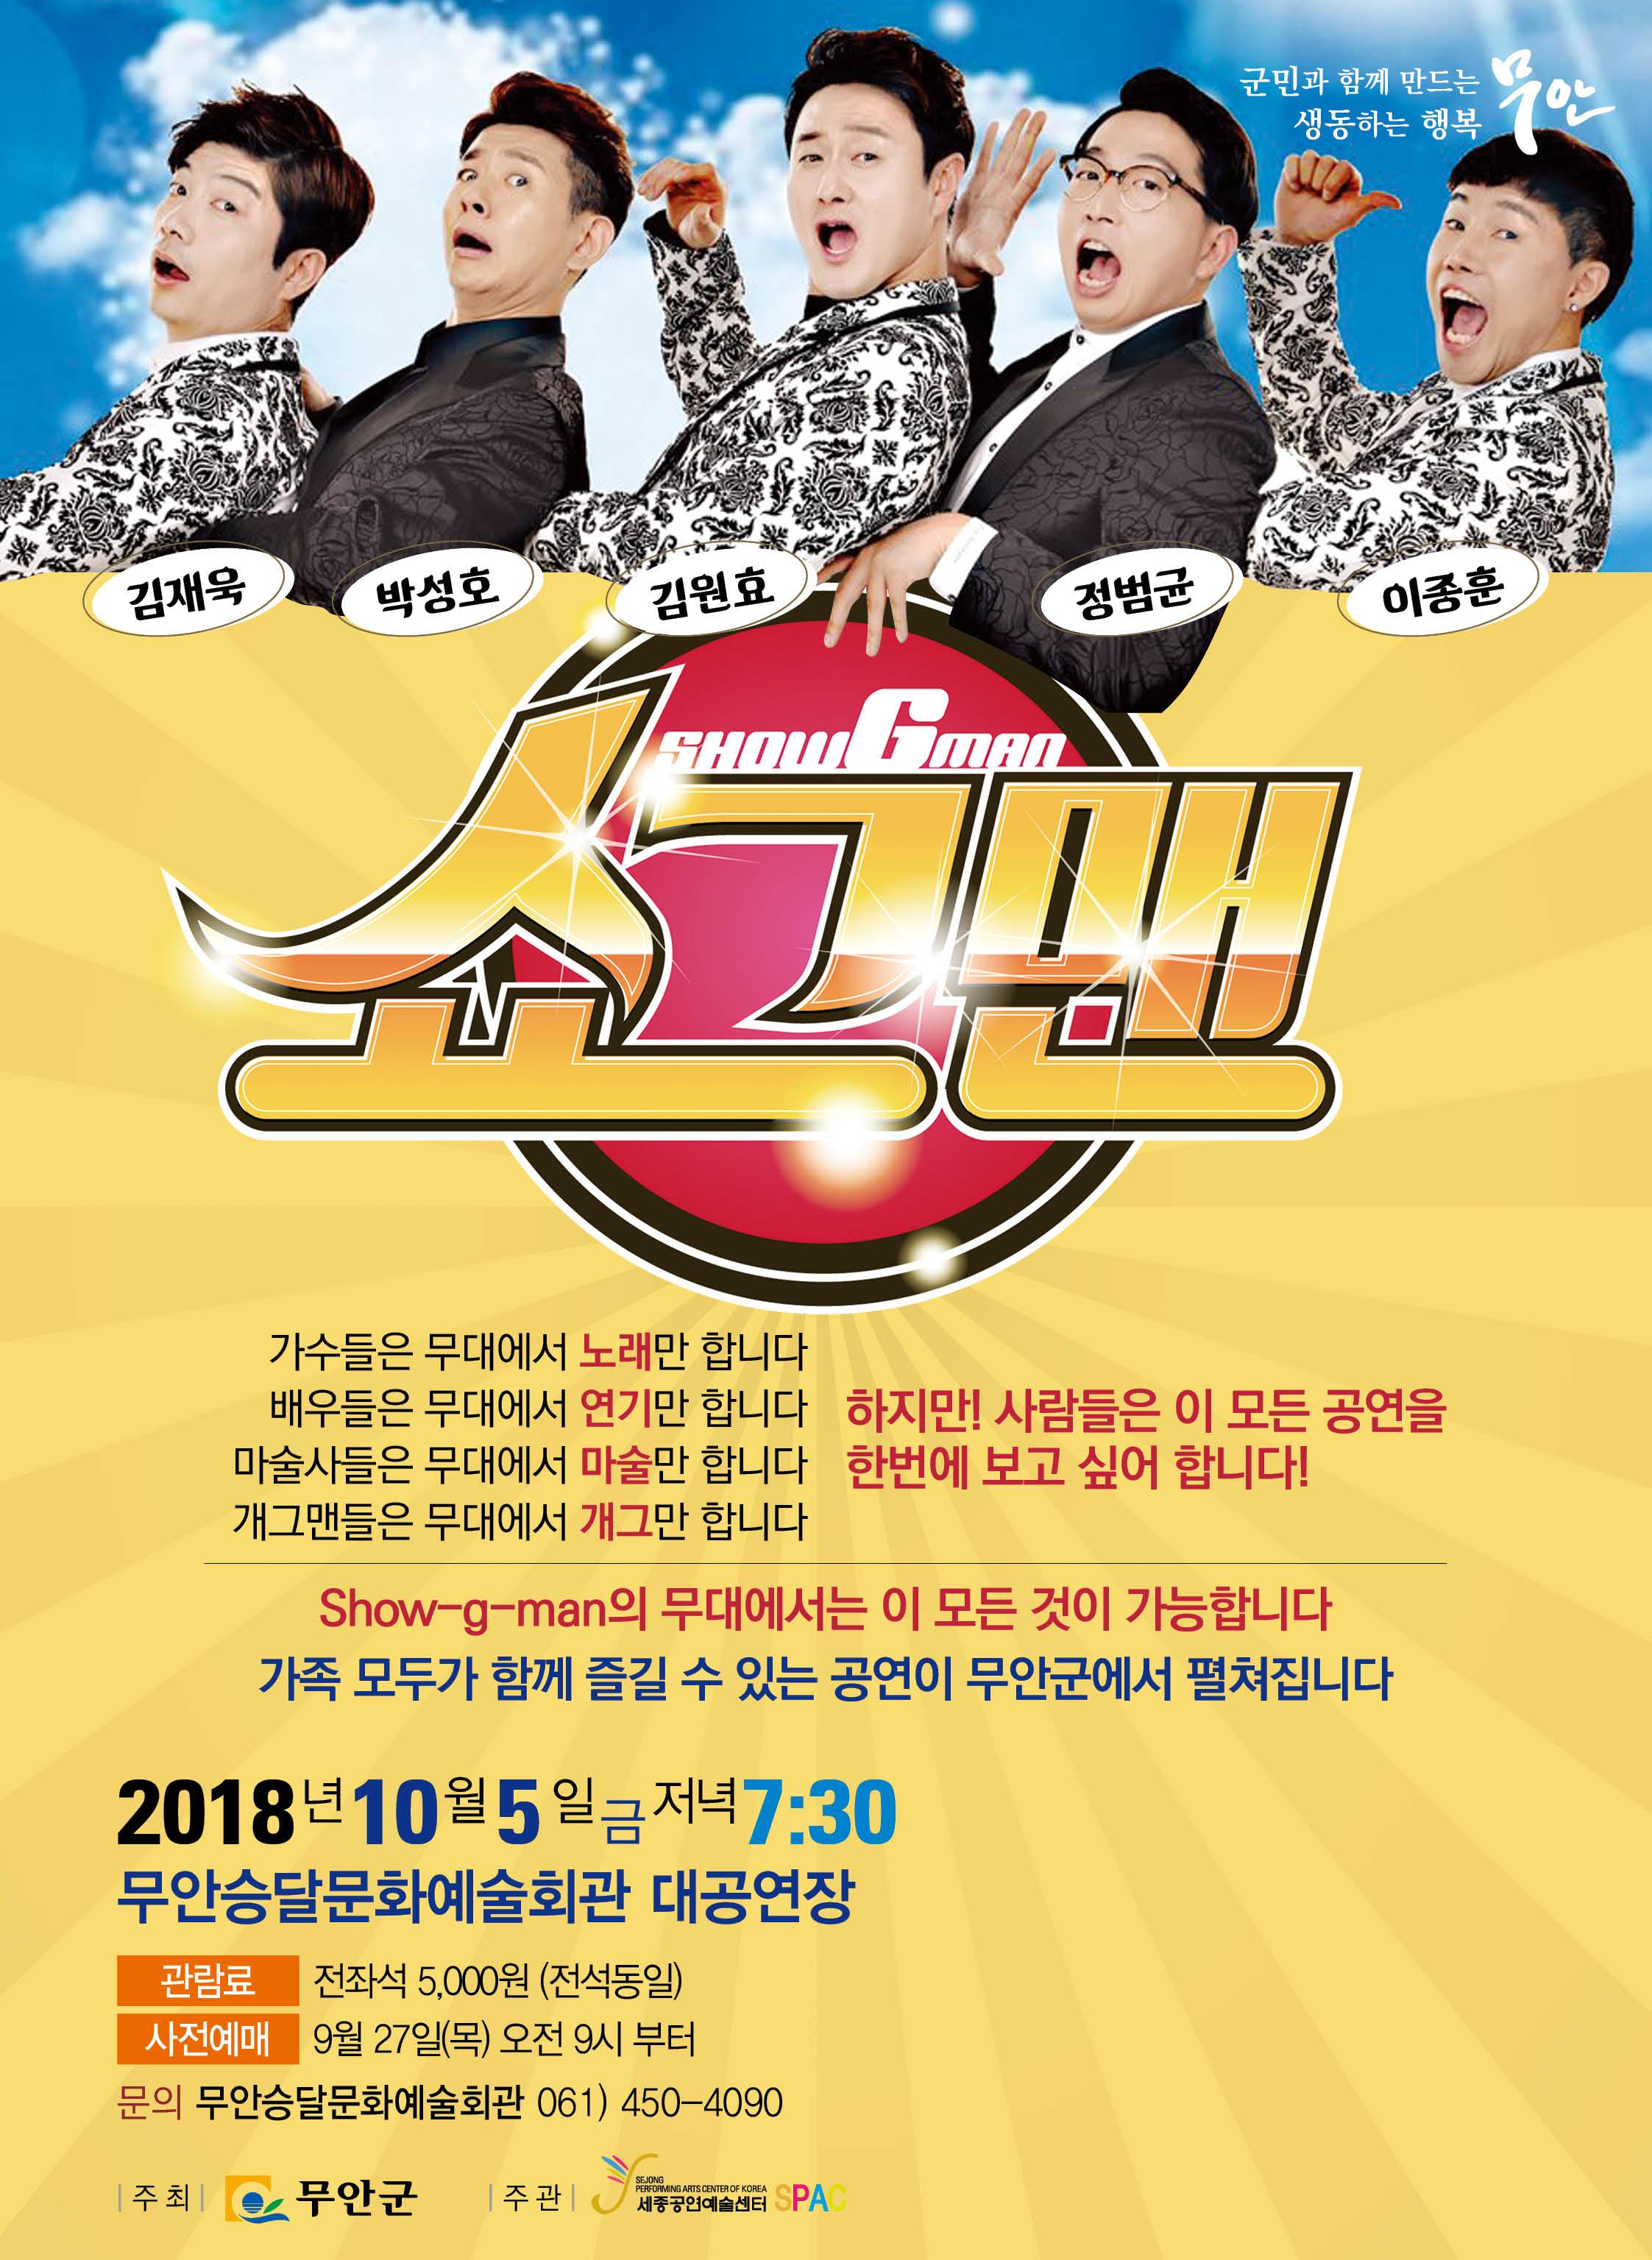 무안군, 세상의 모든 개그쇼 '쇼그맨' 공연 개최